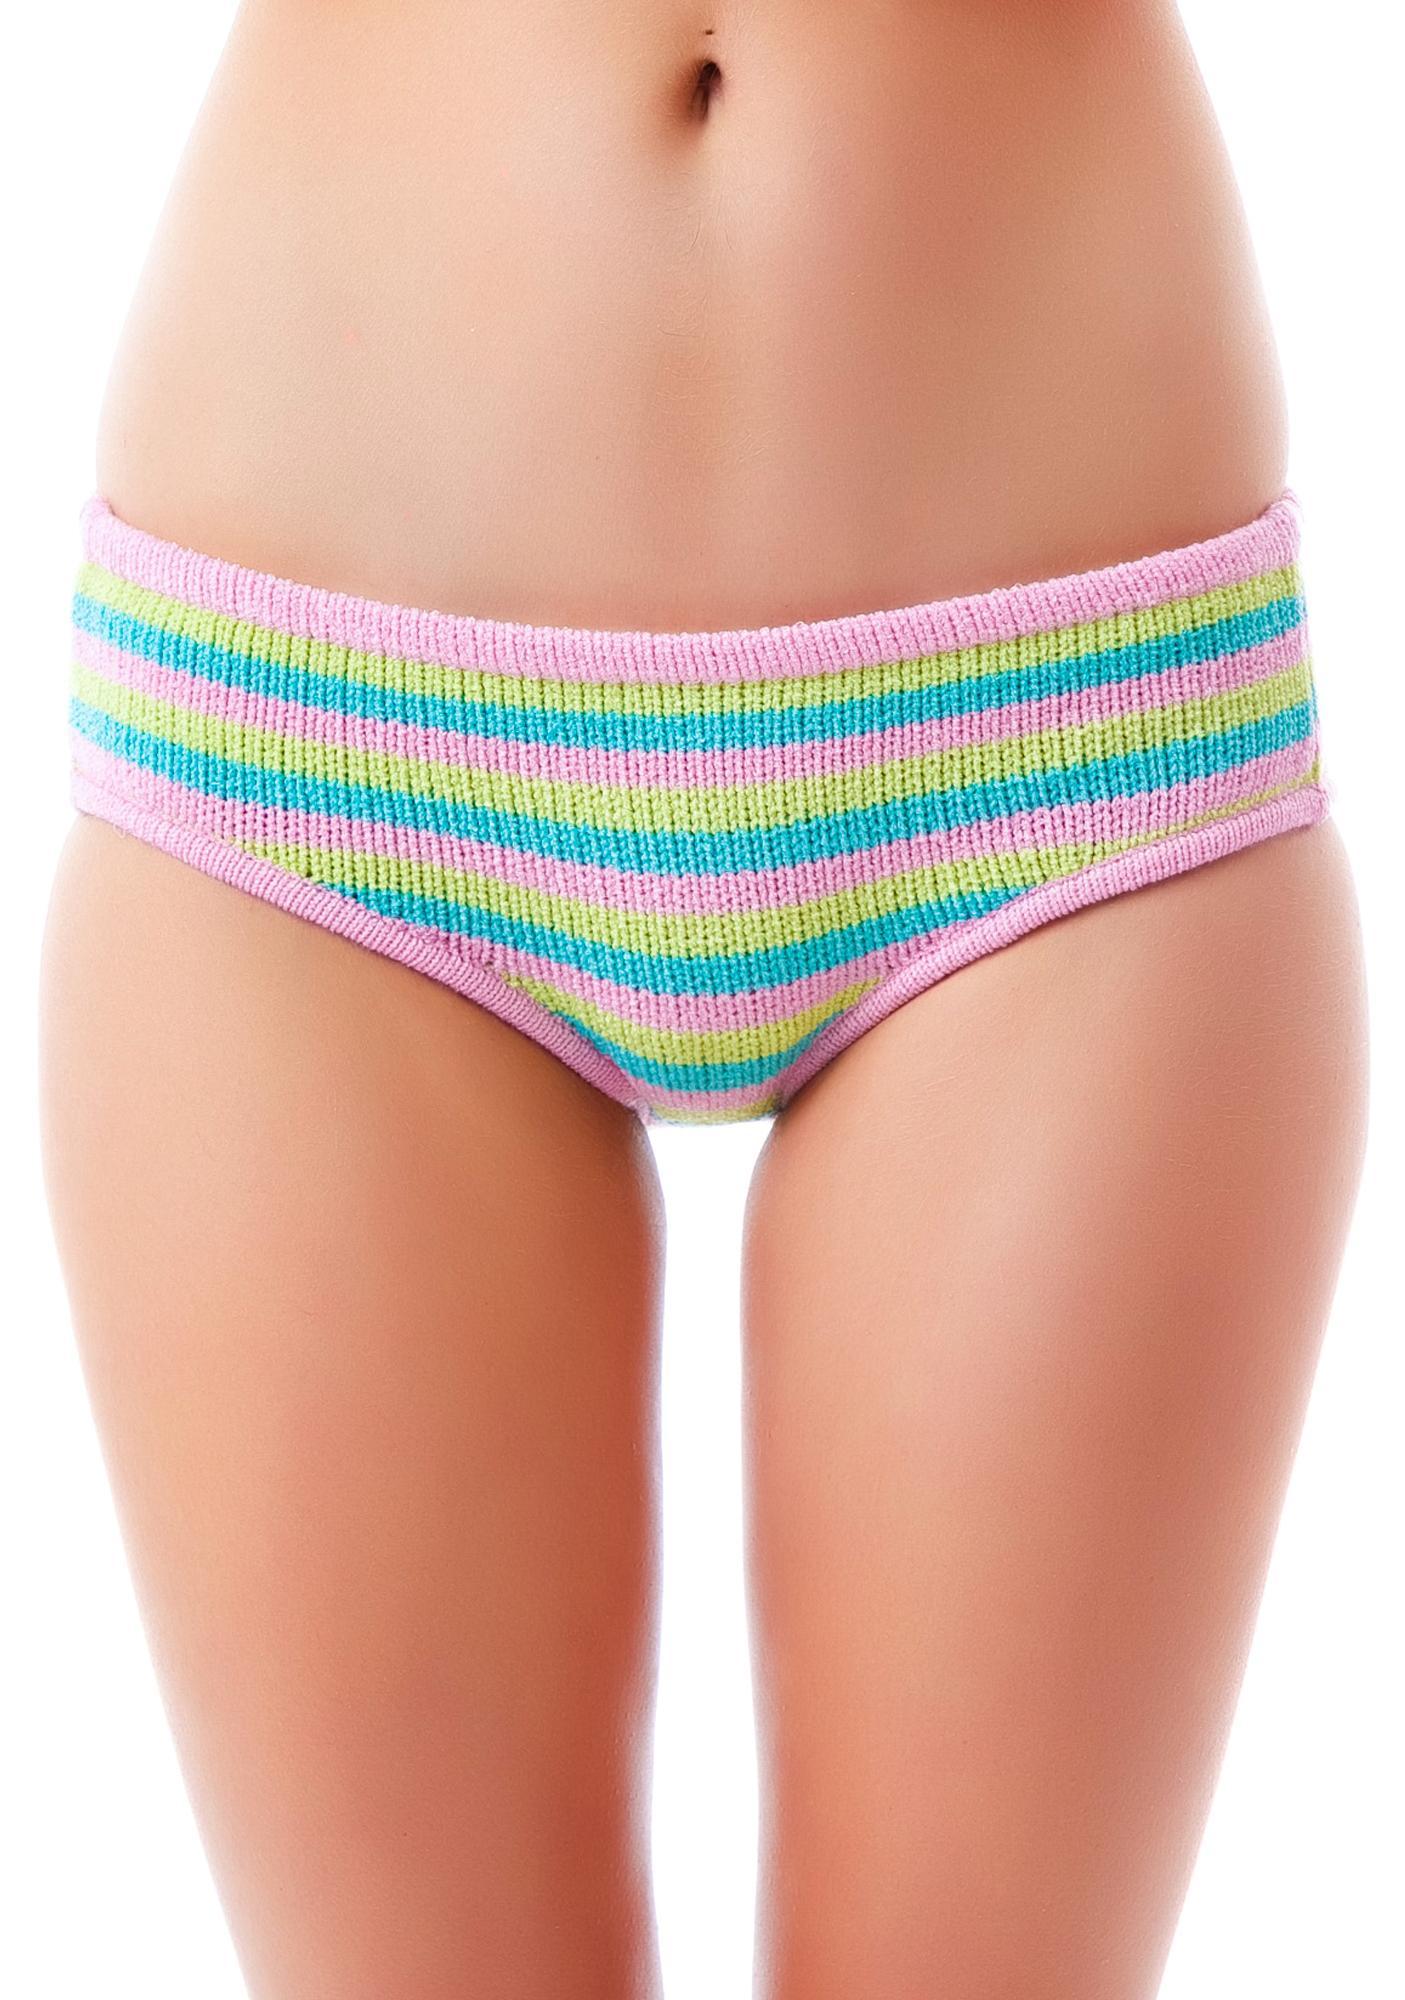 oldman-teen-panties-sweet-panty-pictures-photo-skier-naked